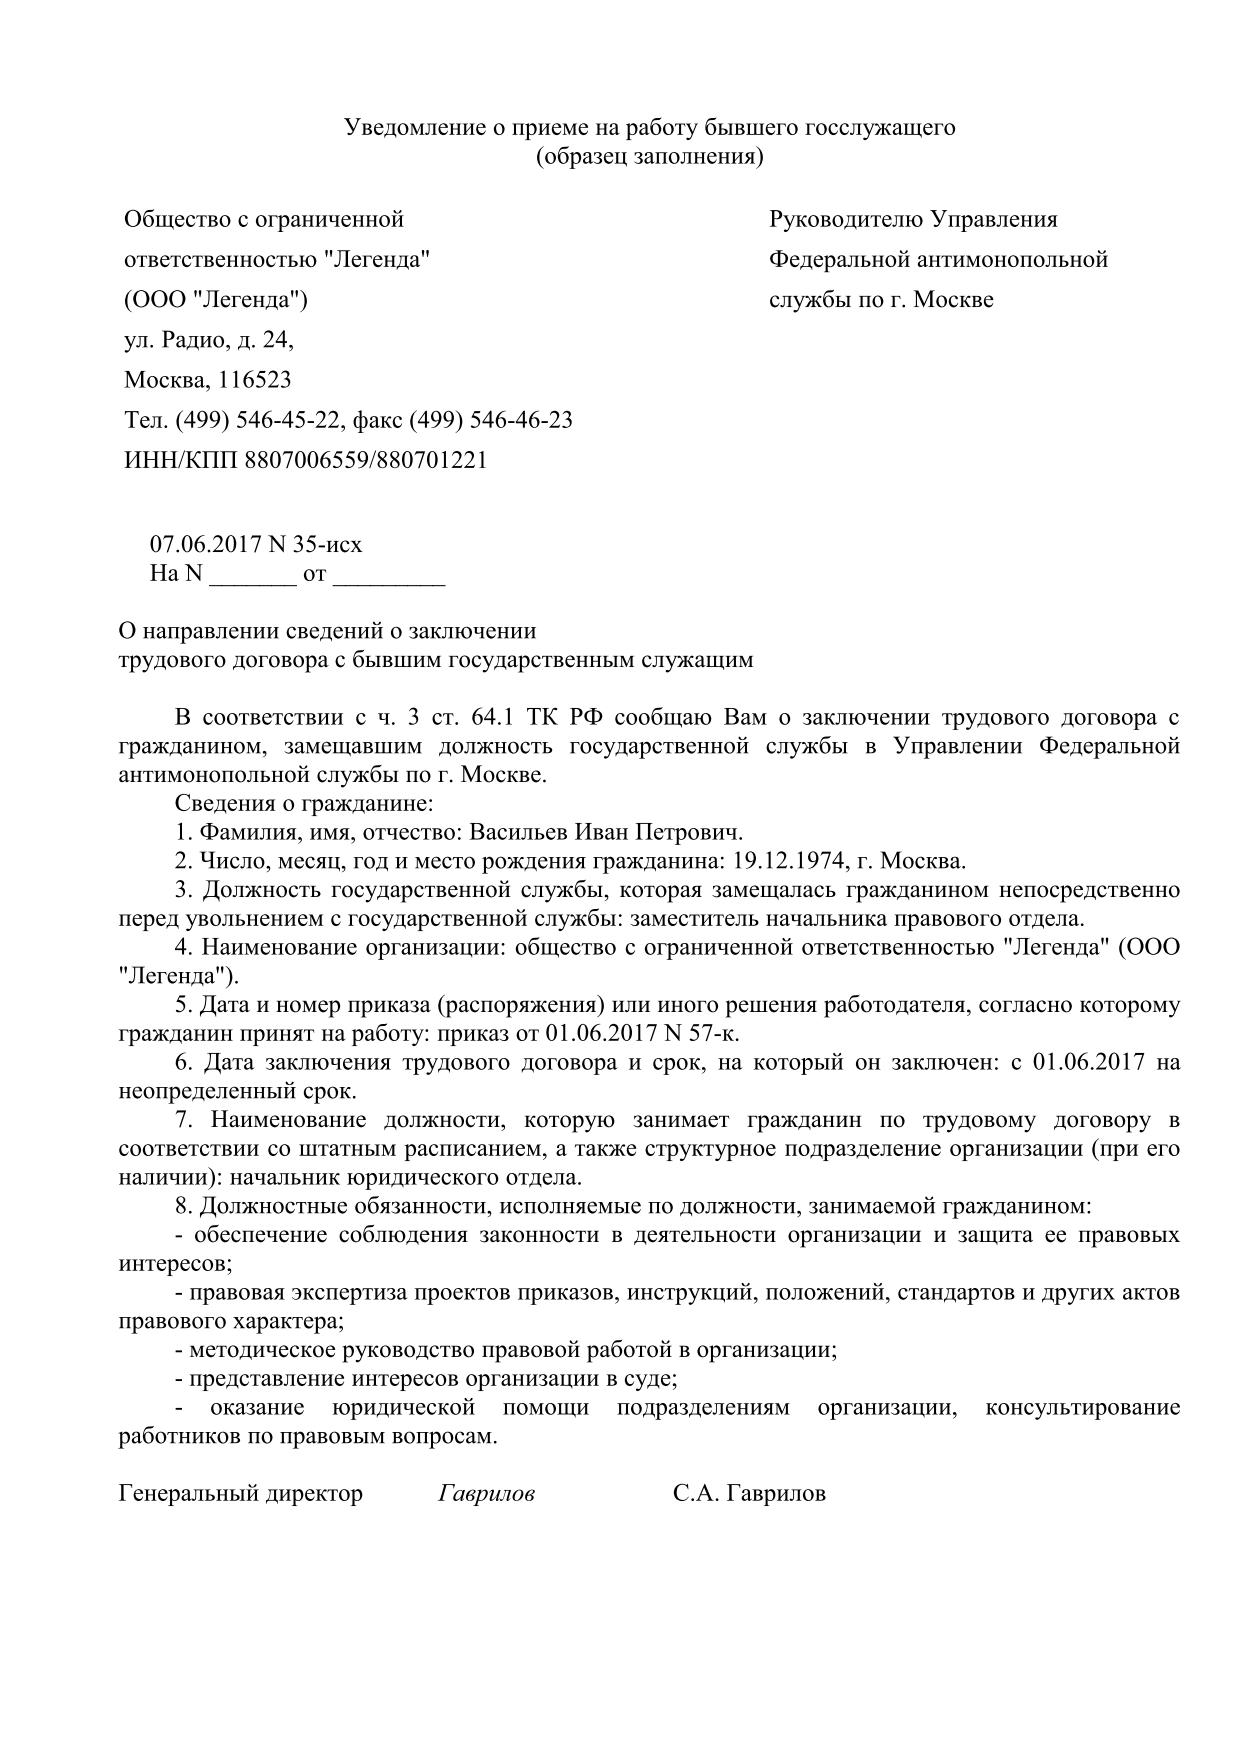 Изображение - Ограничение на трудоустройство после увольнения с гражданской службы uvedomlenie-o-prieme-na-rabotu-biv6ego-gossluja6-01